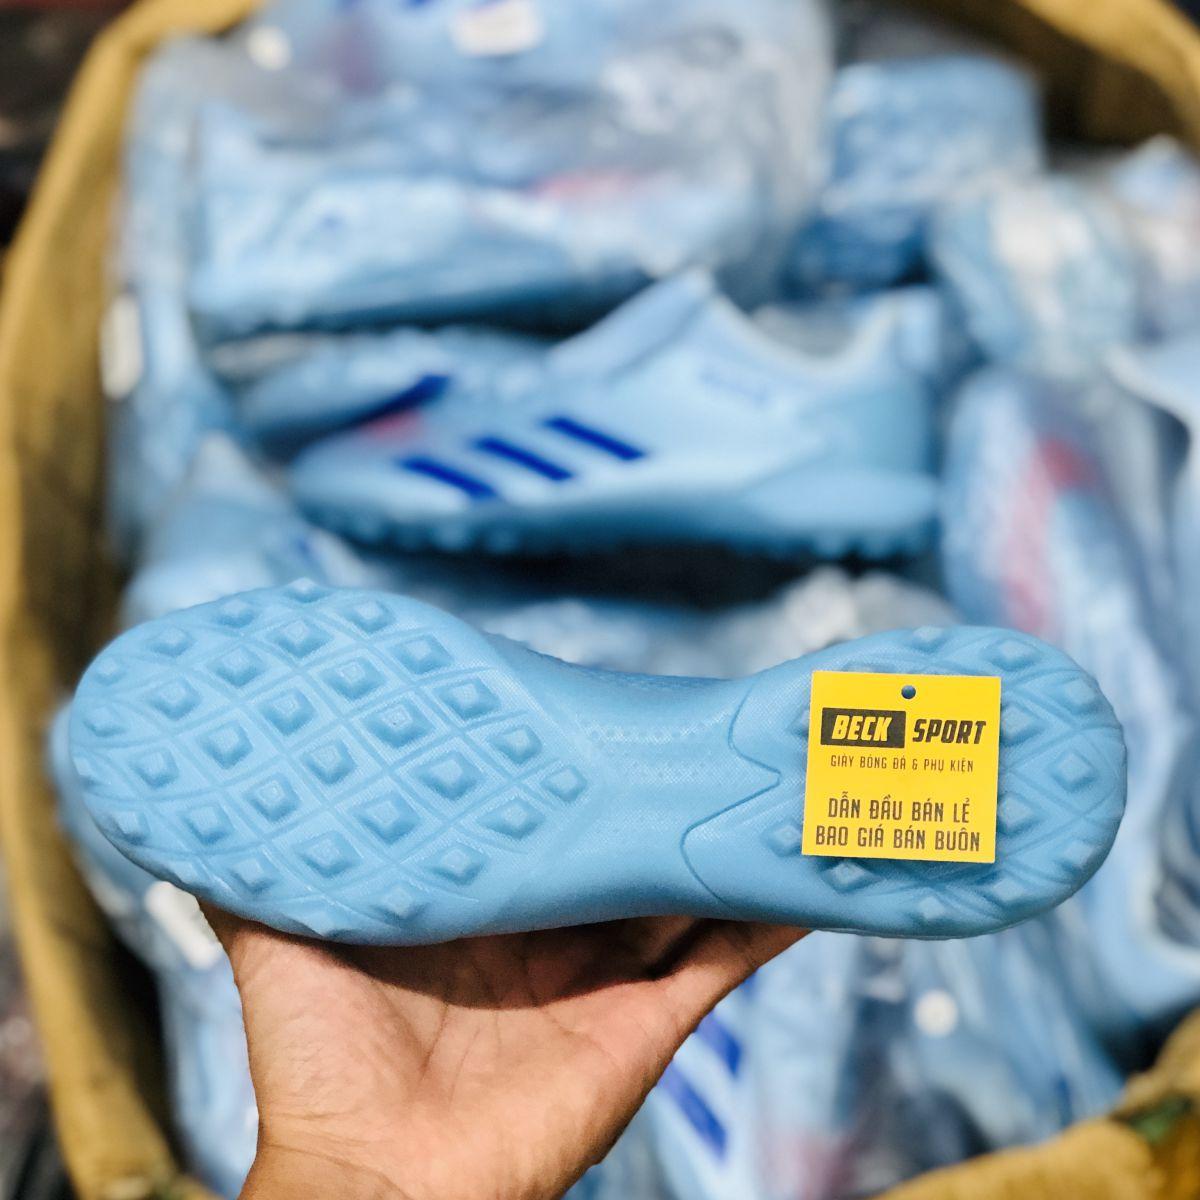 Giày Bóng Đá Adidas Predator 20.3 Xanh Dương Nhạt HQ TF